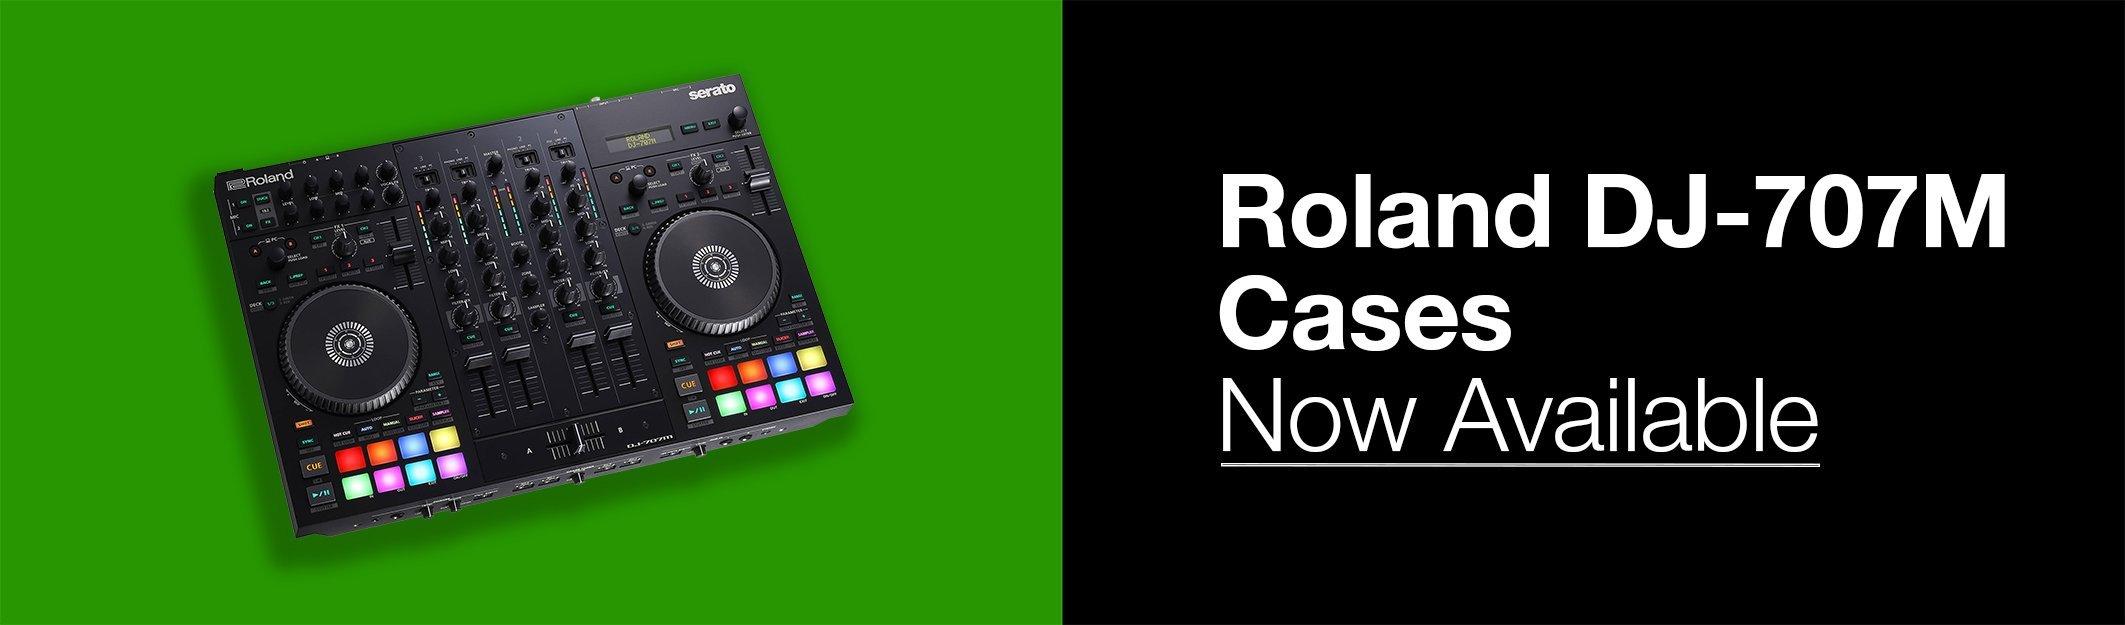 Roland DJ-707M Cases